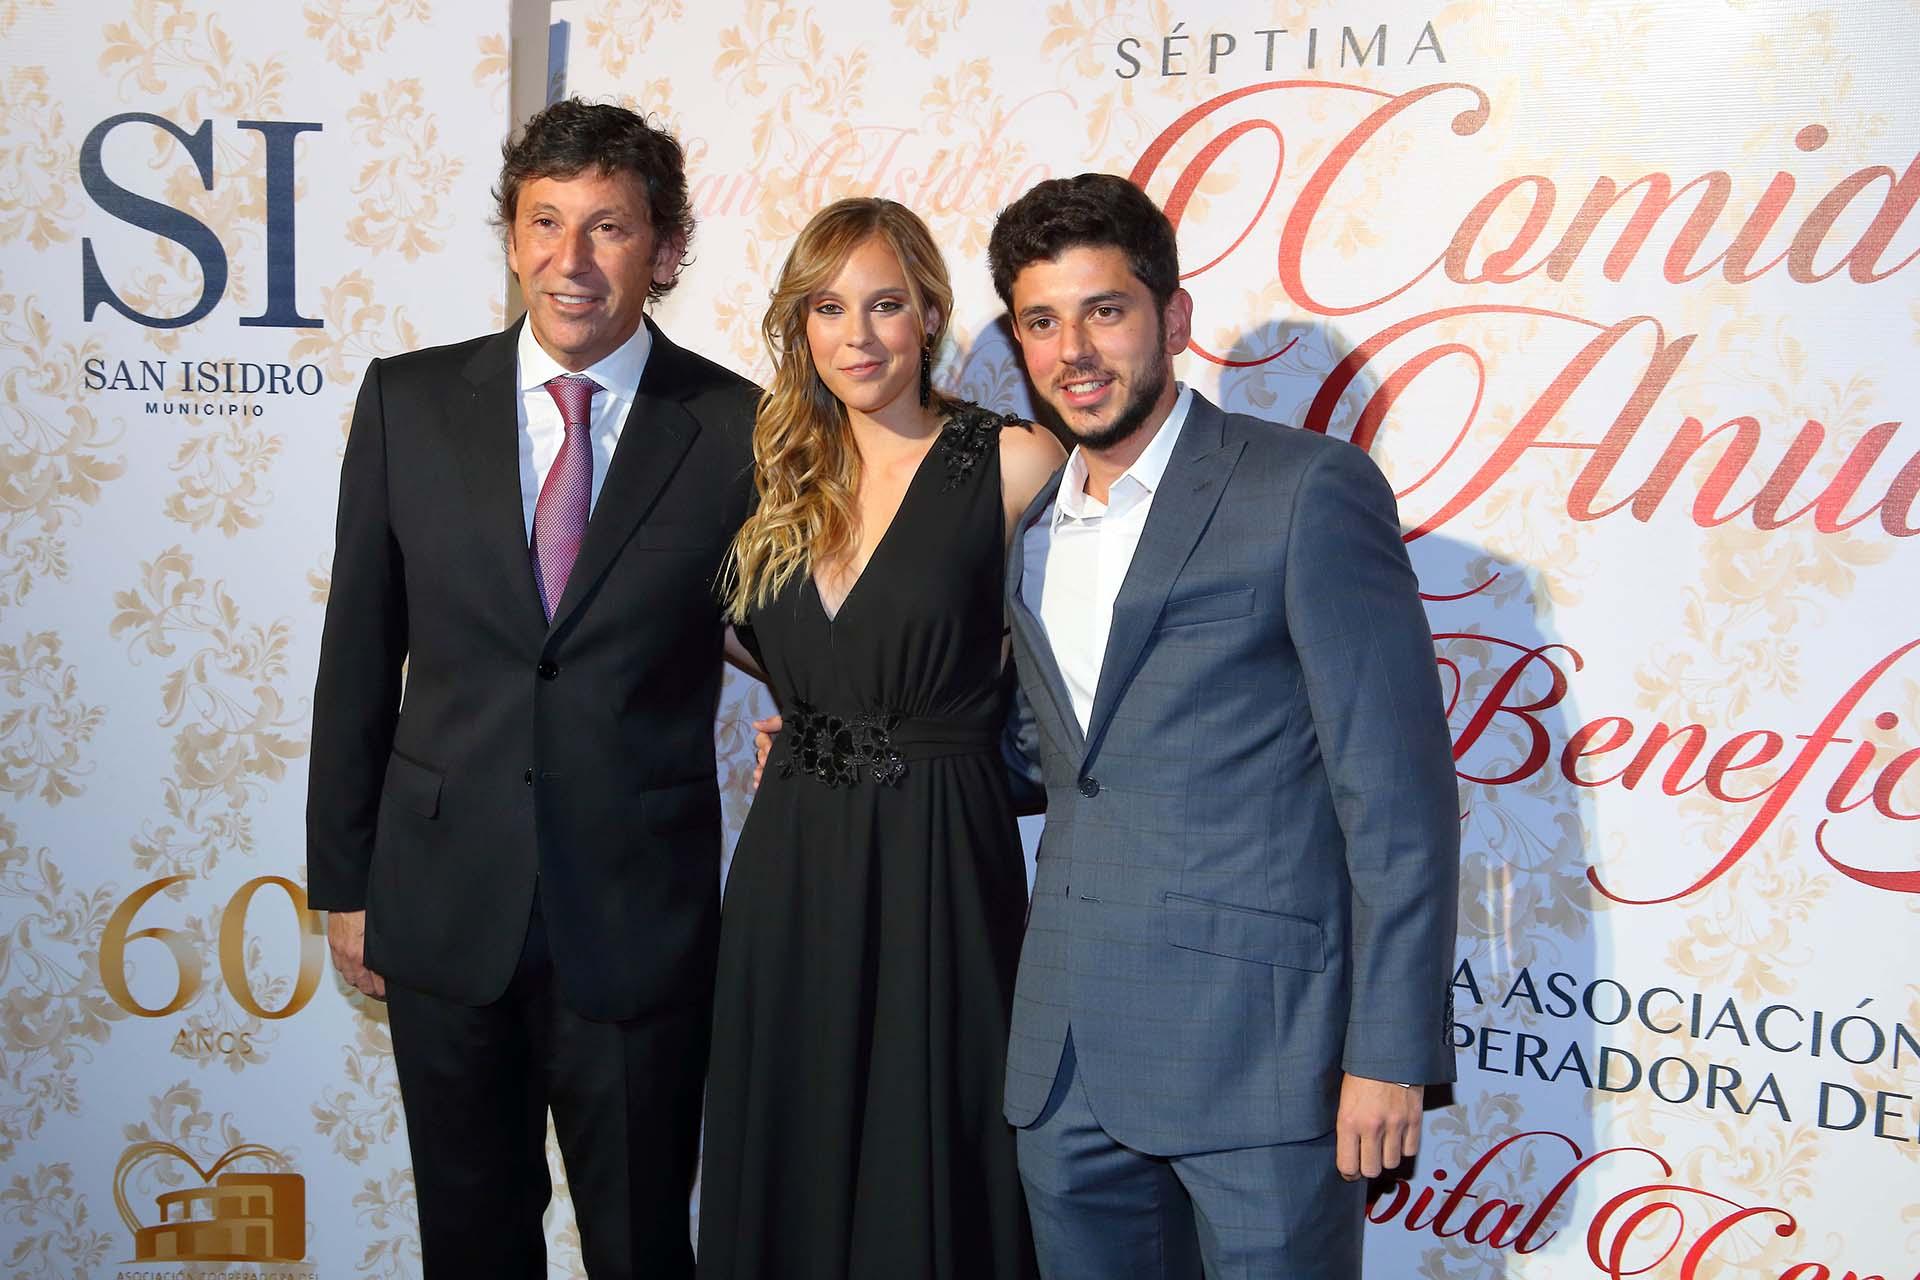 El intendente Gustavo Posse junto a sus hijos Macarena y Melchor